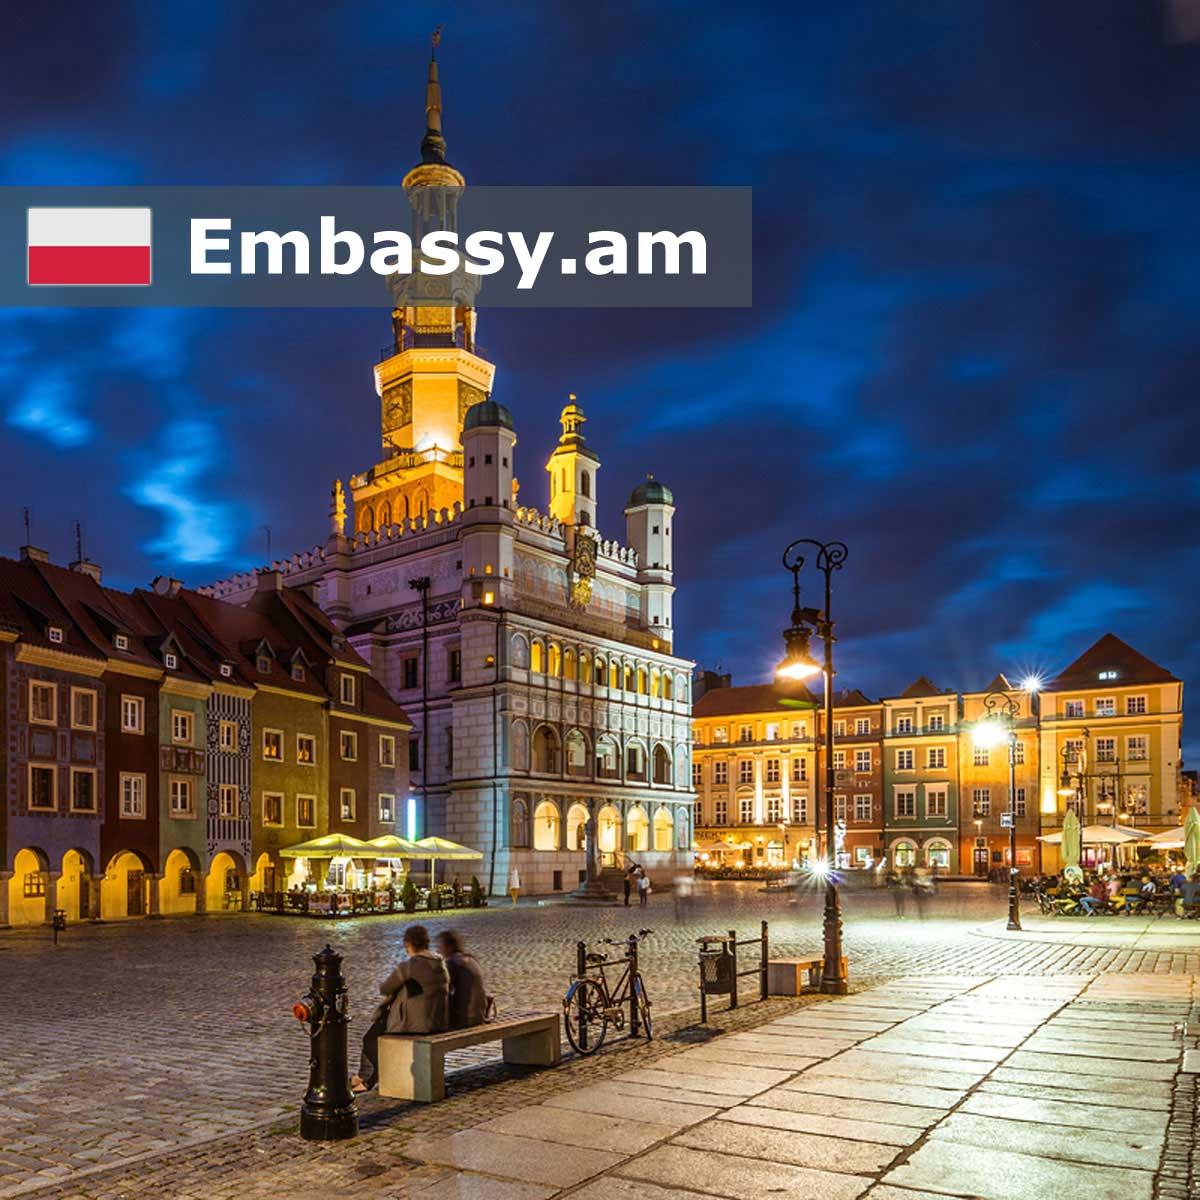 Познань - Отели в Польши - Embassy.am